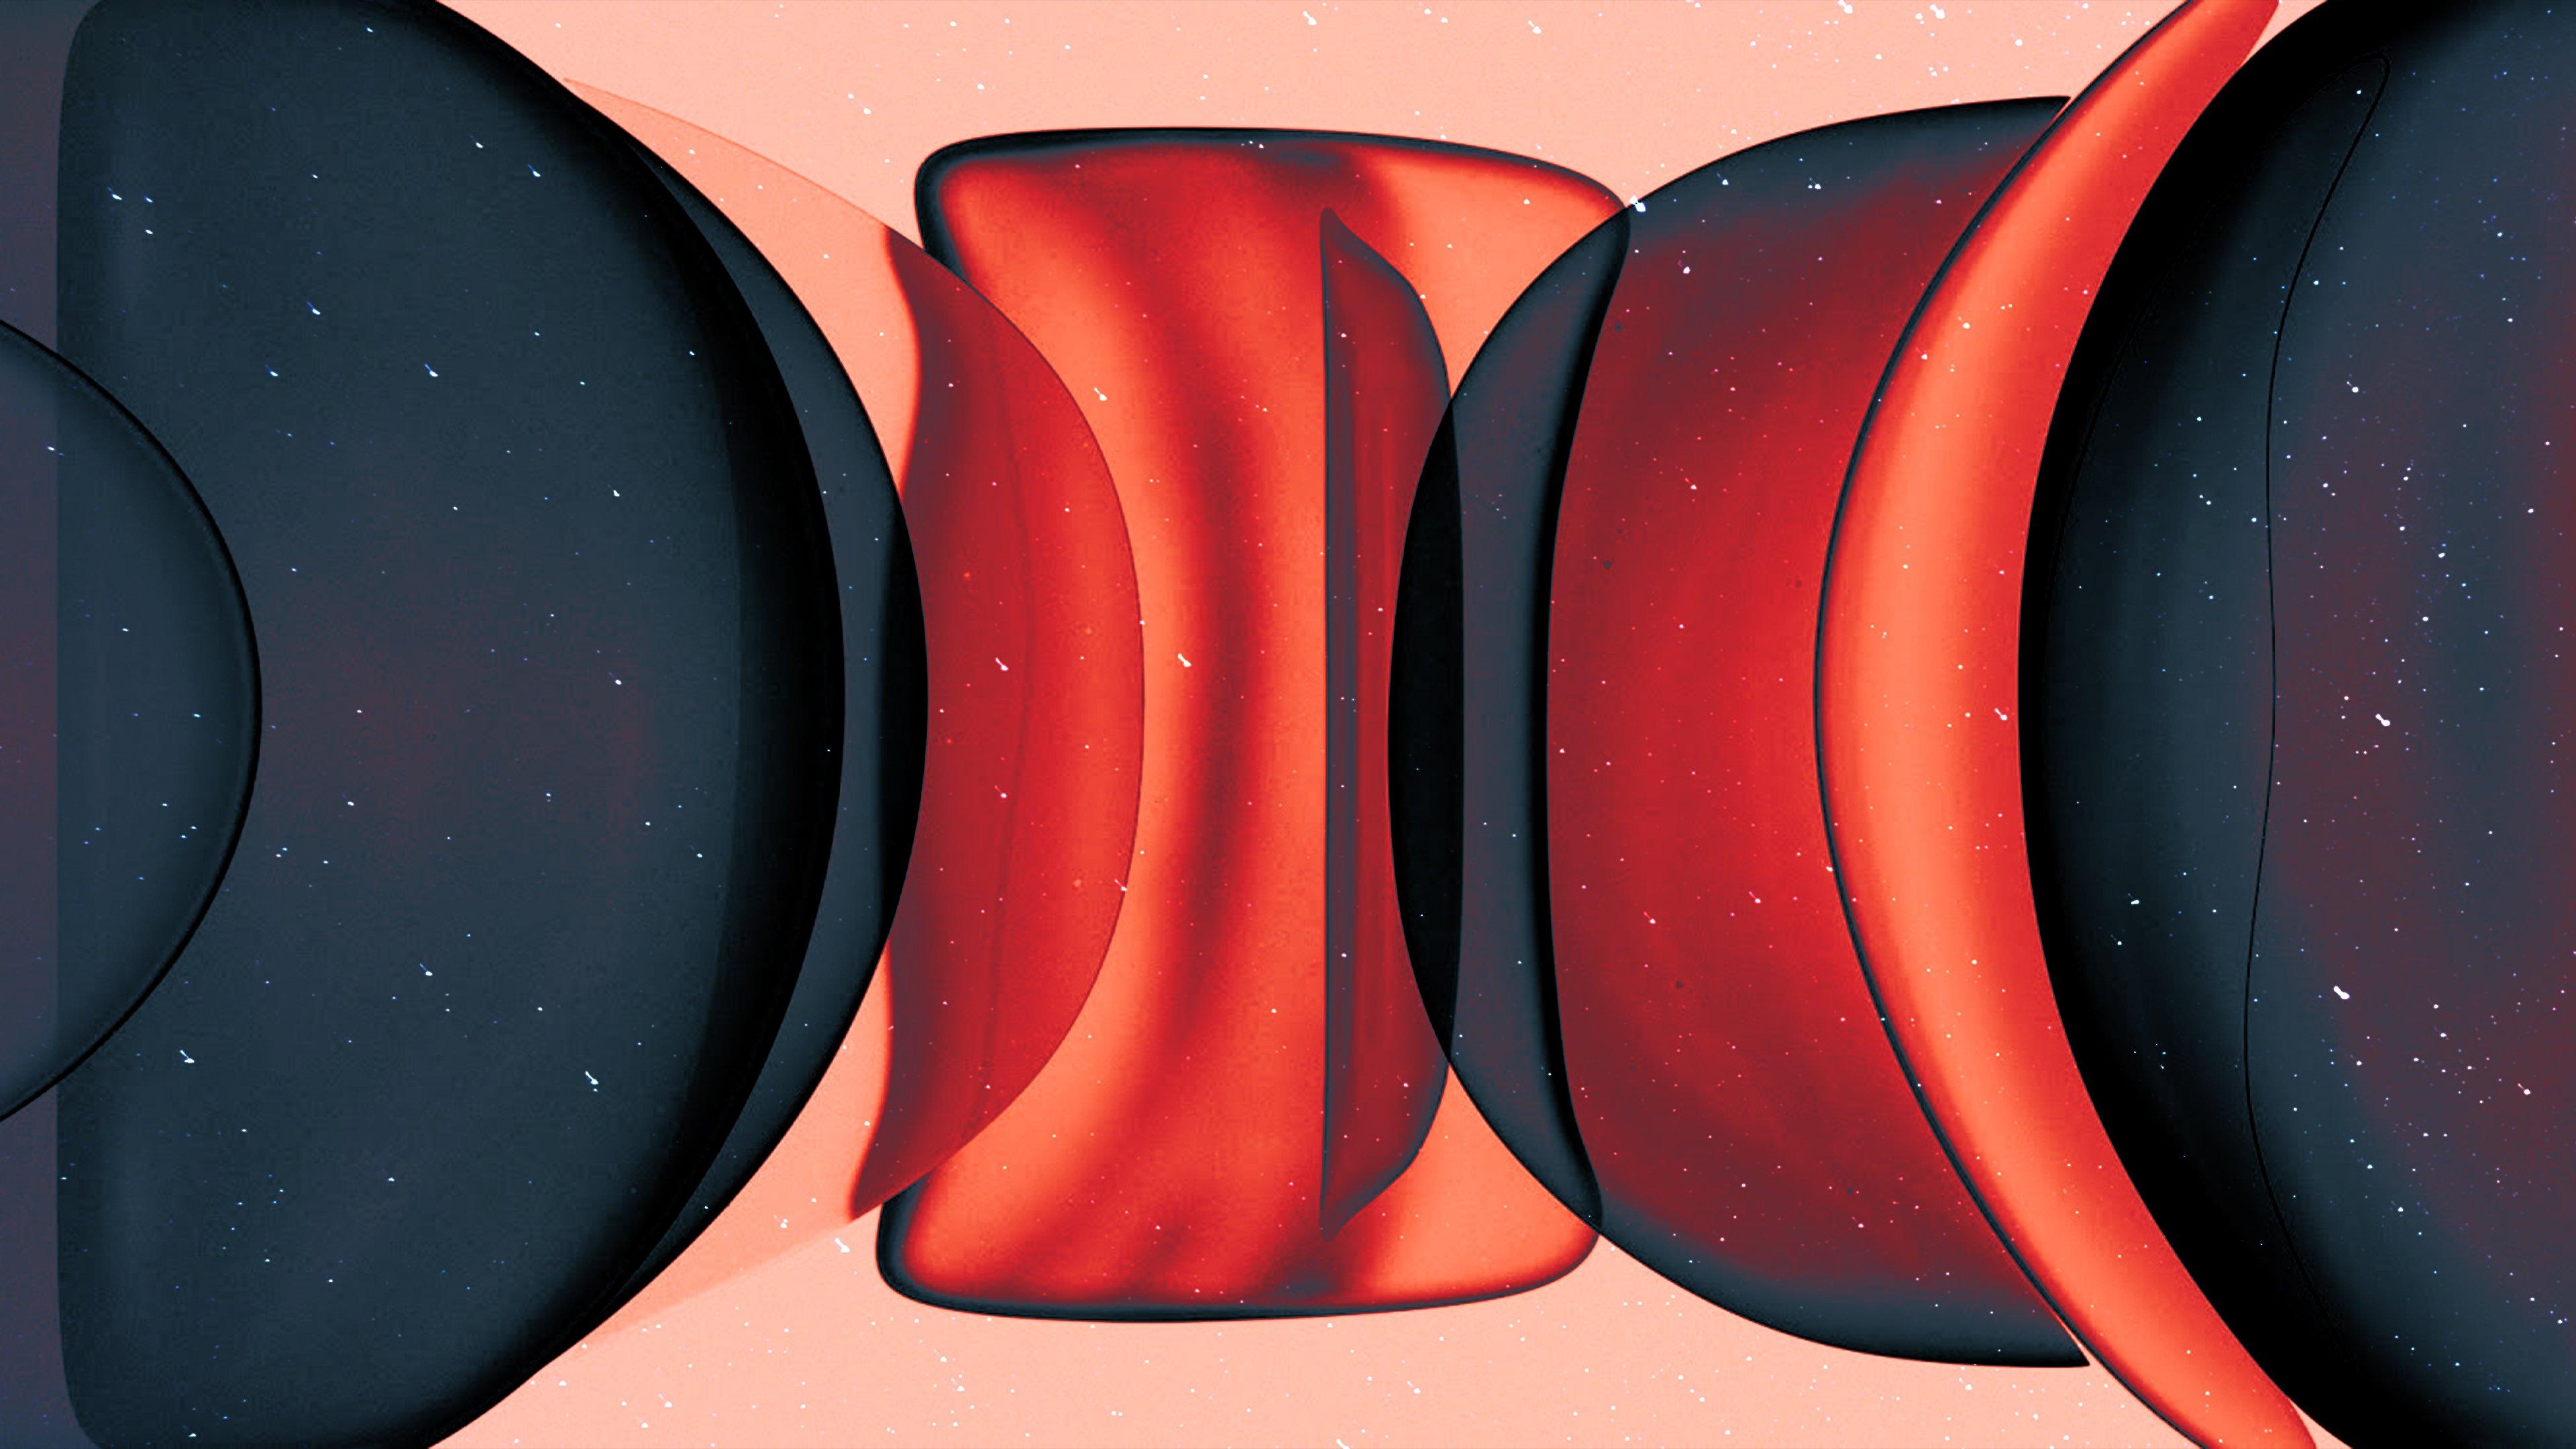 Fondos de pantalla Burbujas abstractas